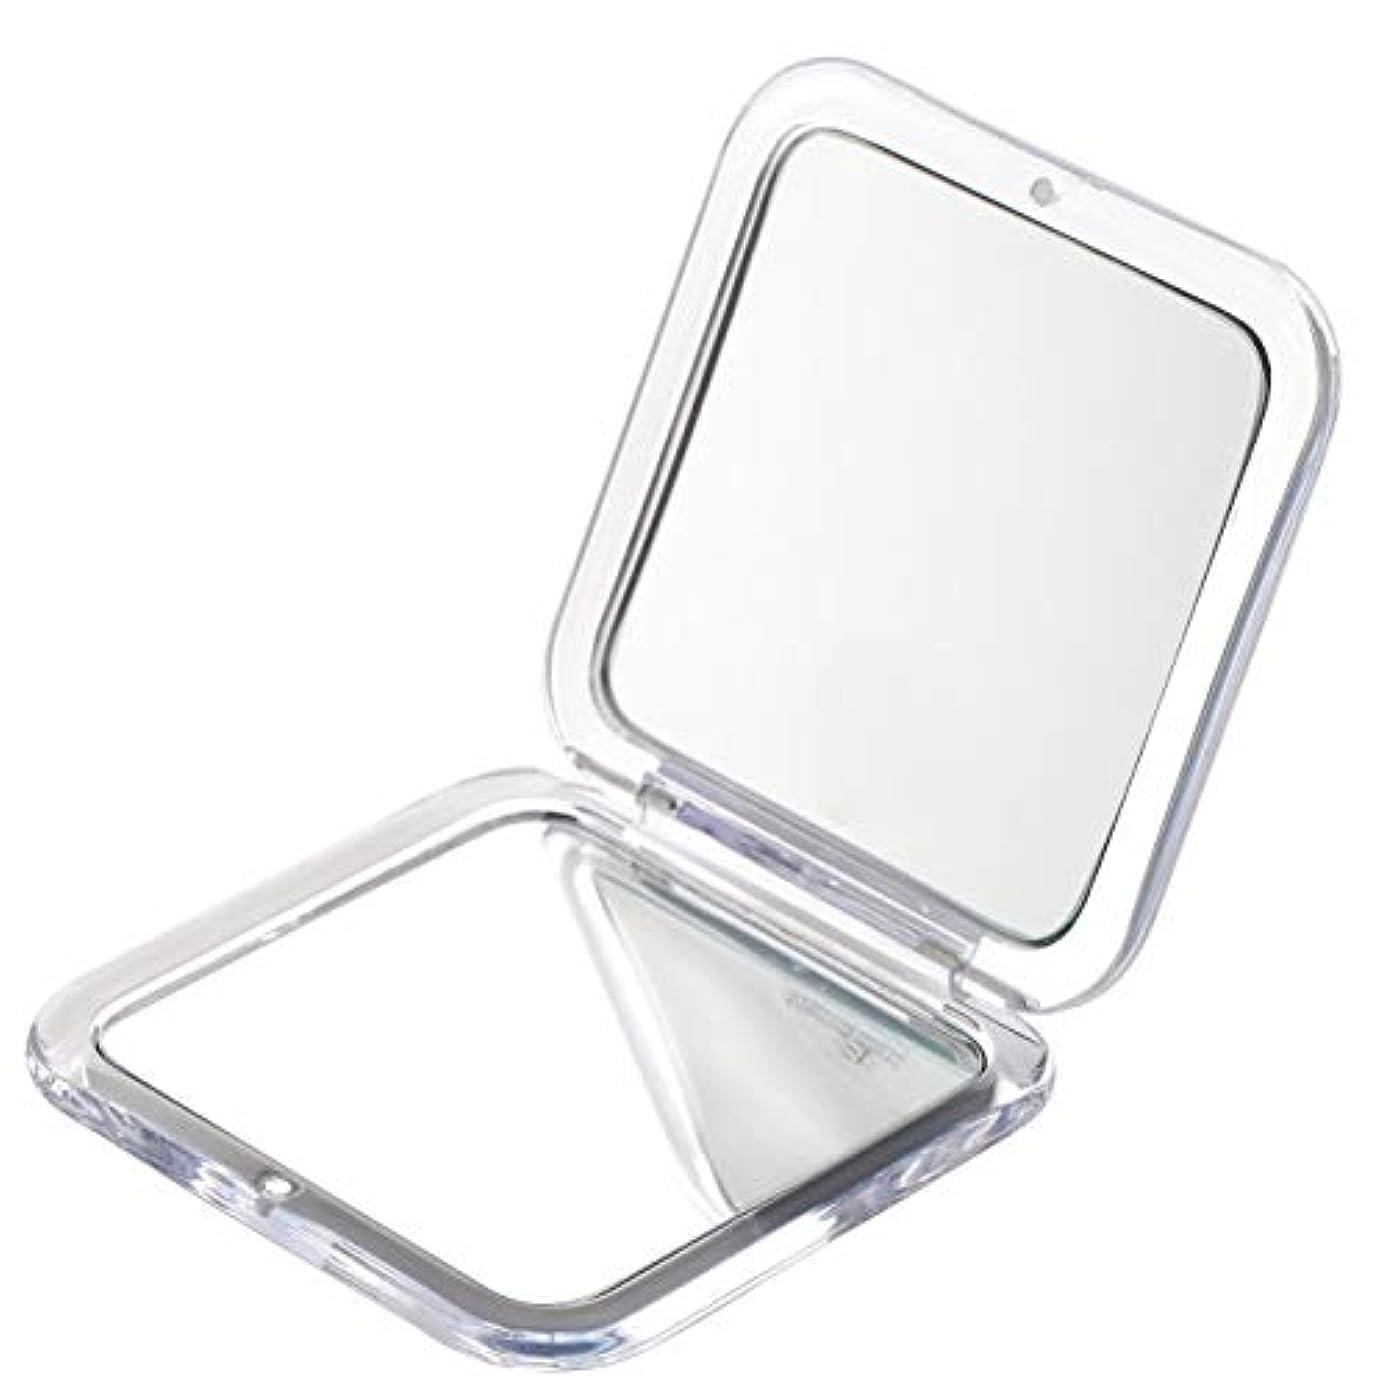 一目放棄浸したMiss Sweet コンパクトミラー 両面鏡 化粧鏡 拡大鏡 1倍*5倍